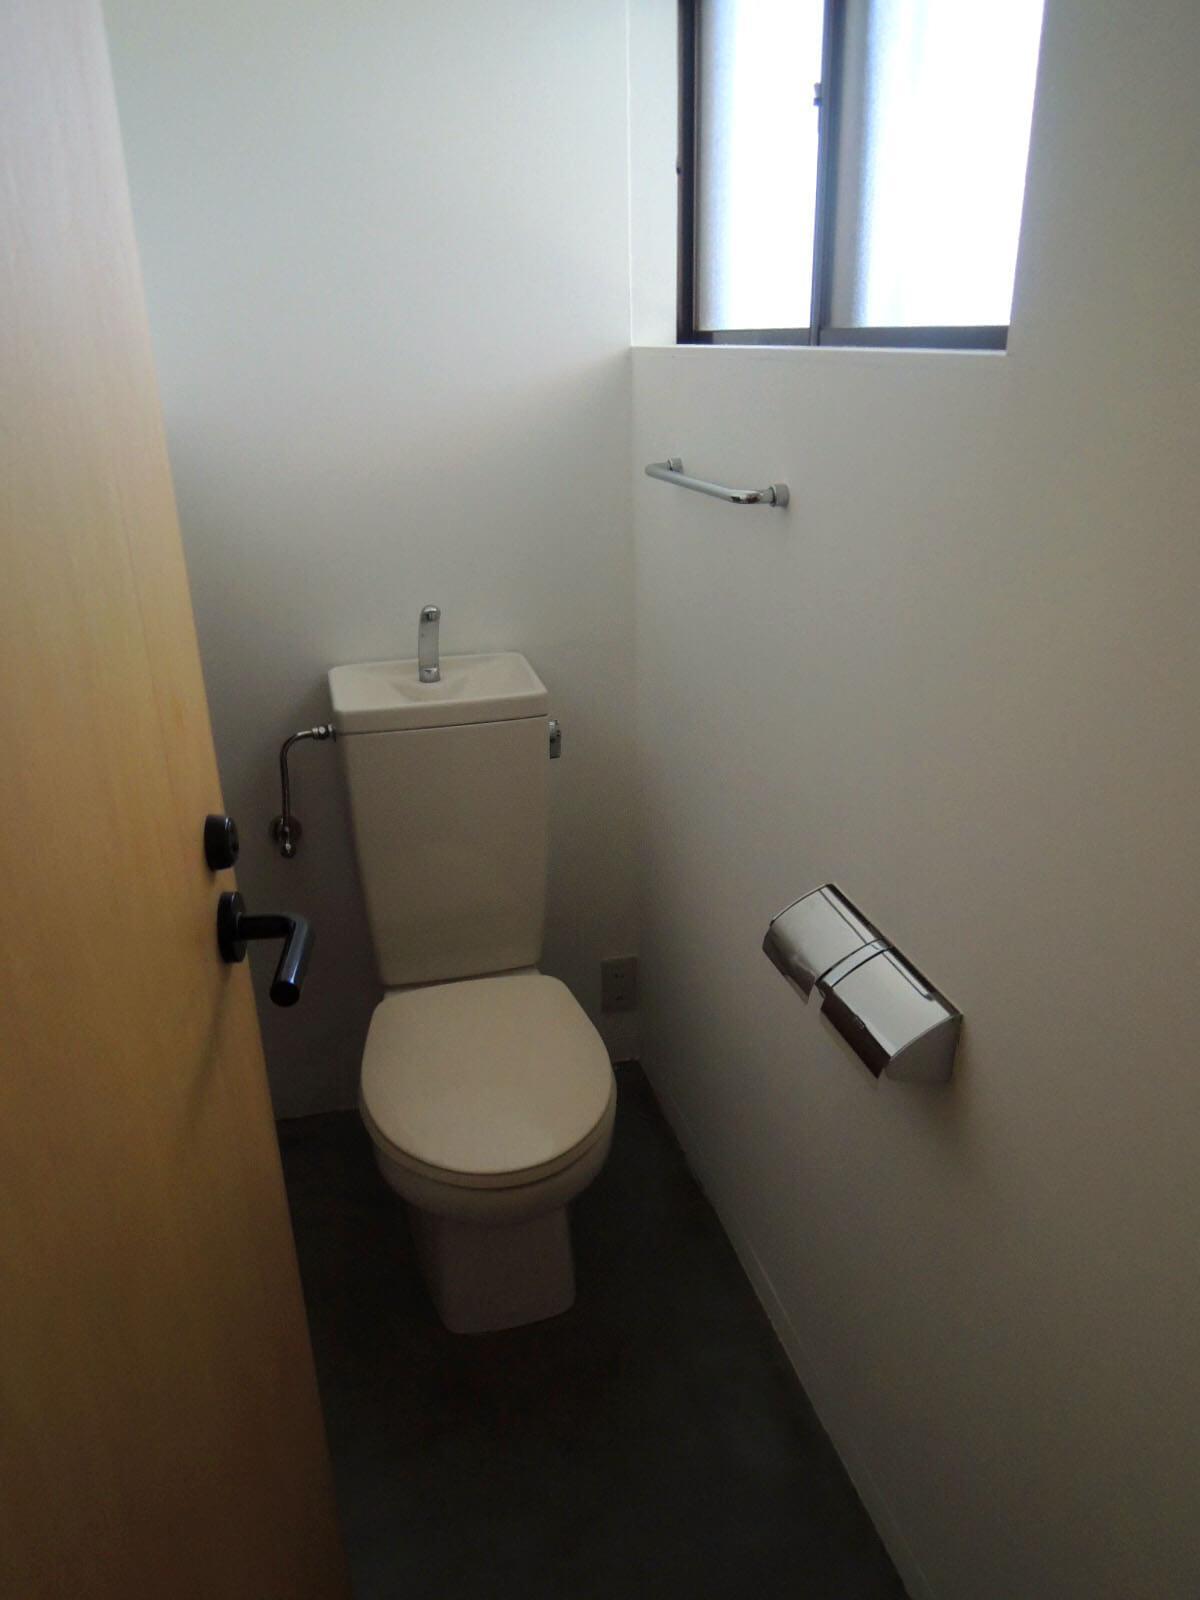 窓のあるトイレ。左側階段下にも収納あり。